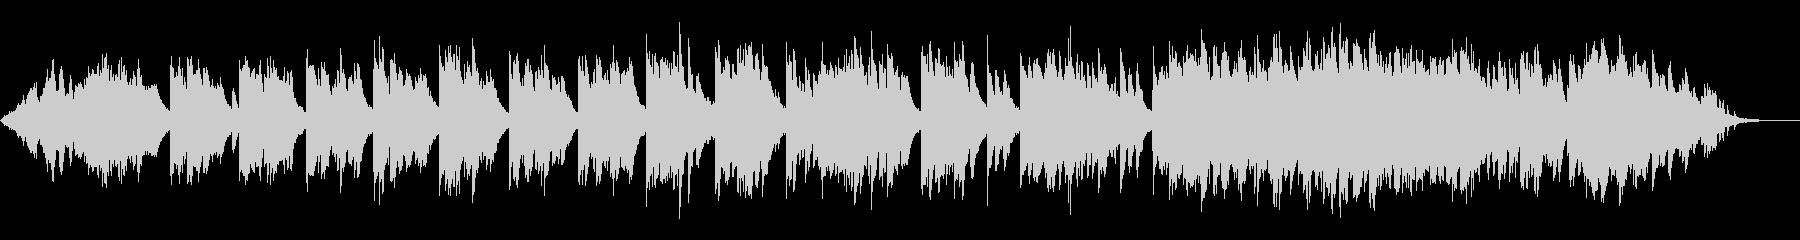 静かな躍動感のピアノ曲の未再生の波形